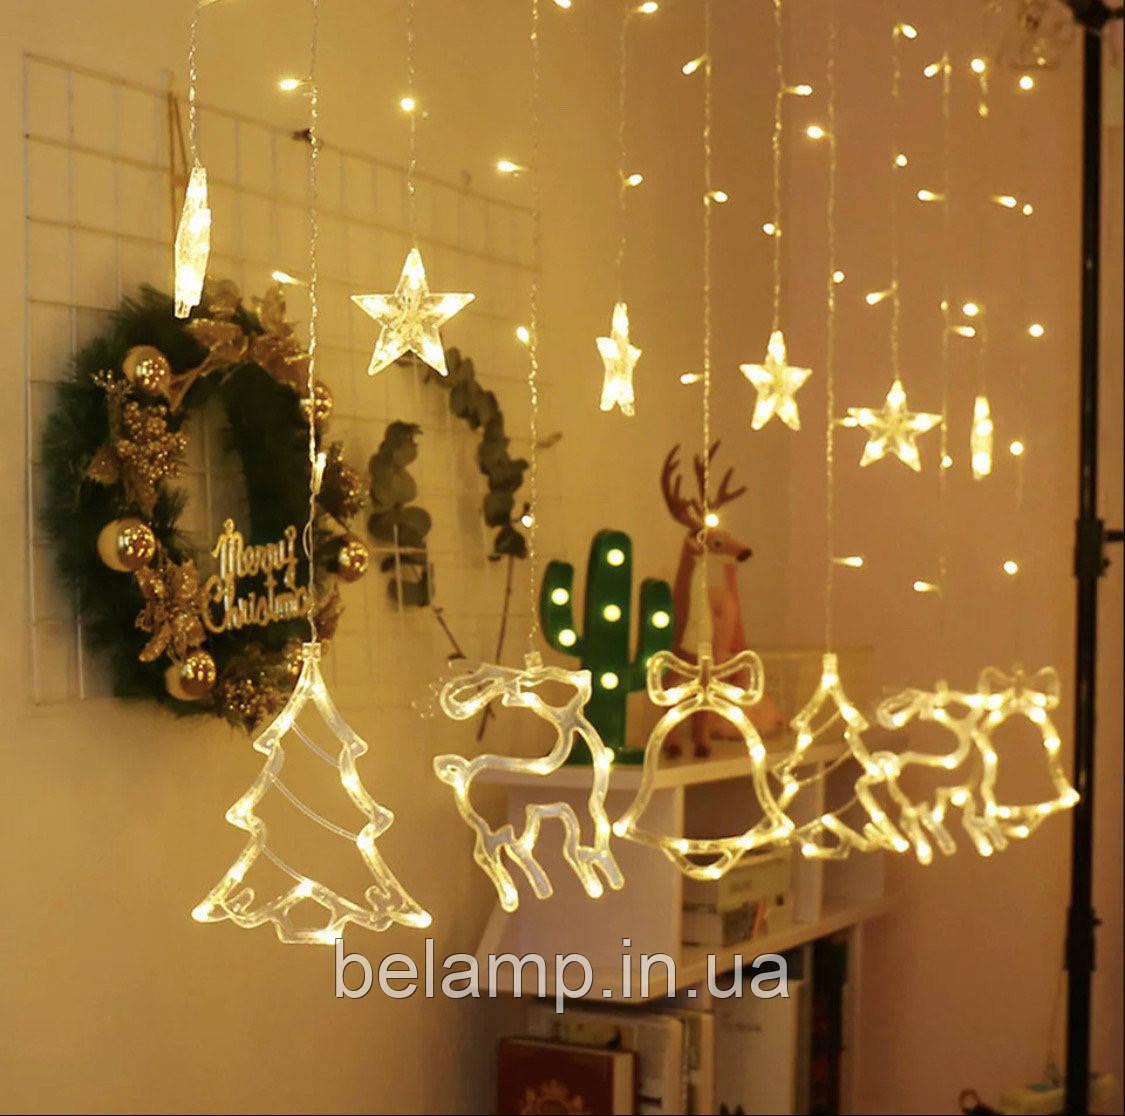 Новорічна світлодіодна гірлянда штора (бахрома) на вікно «Казка»